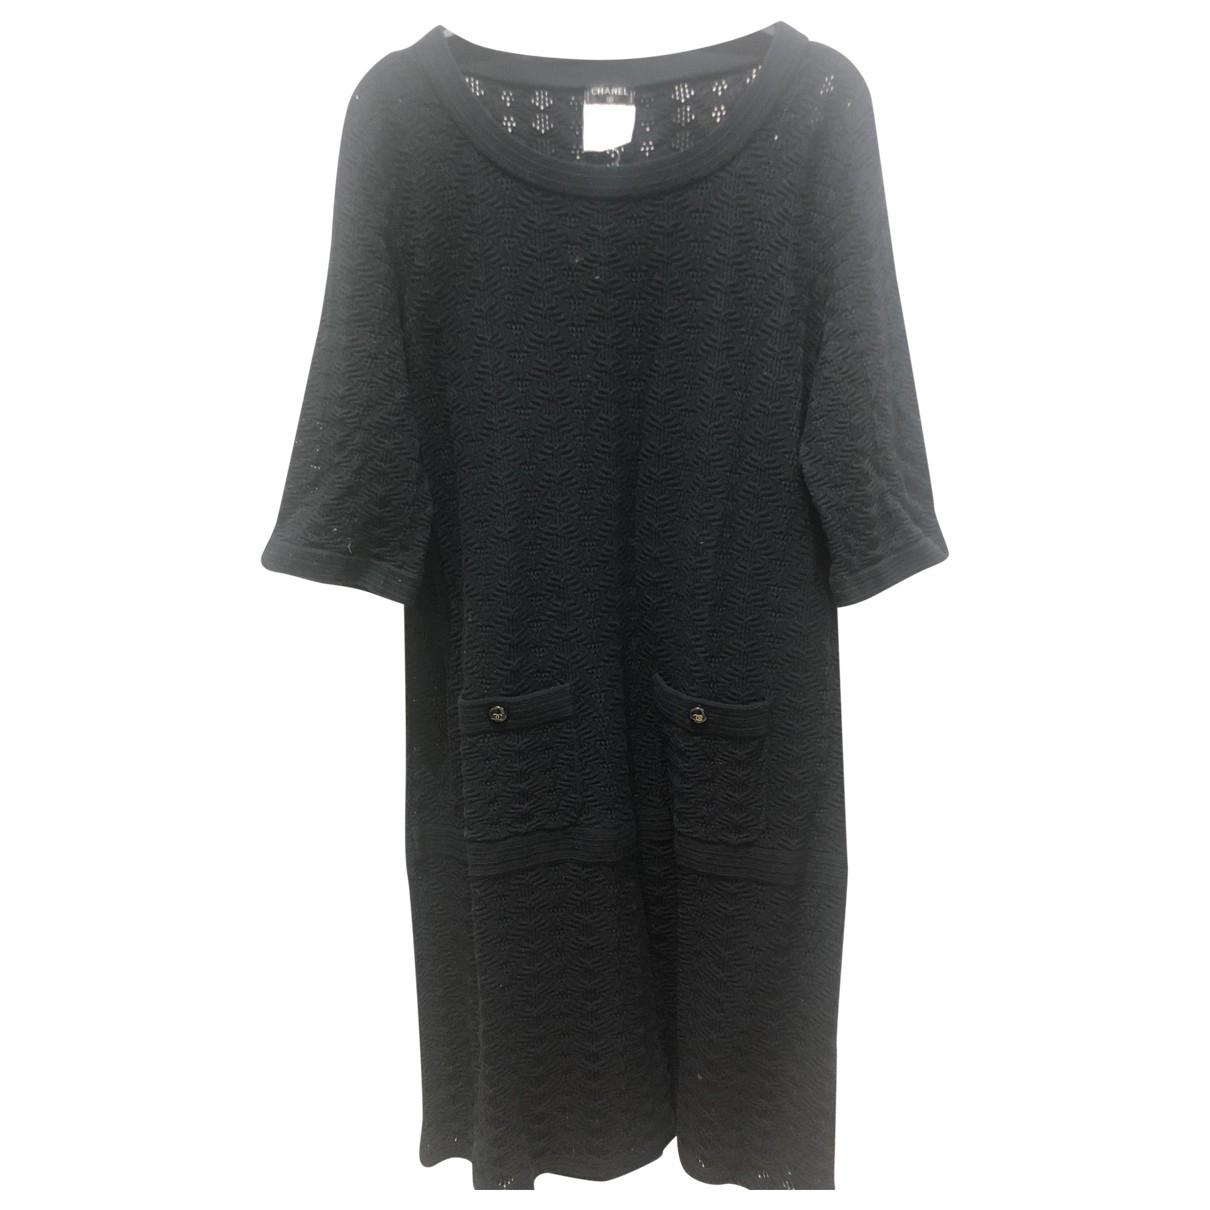 Chanel \N Cotton dress for Women 42 IT